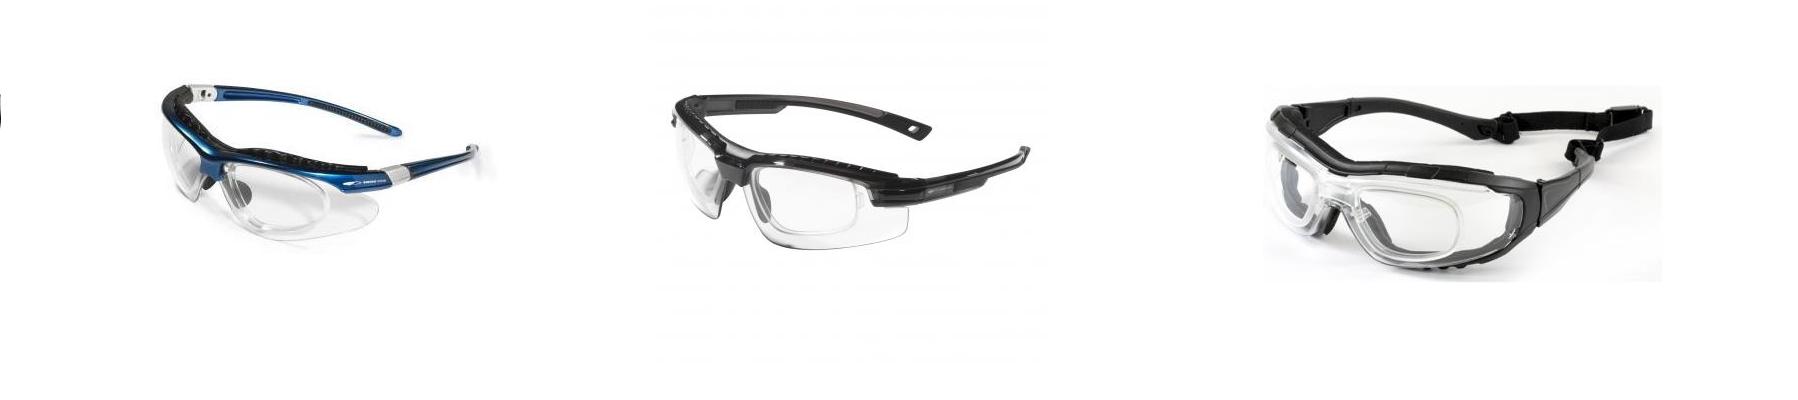 Lunettes de protection a la vue avec insert visionalis